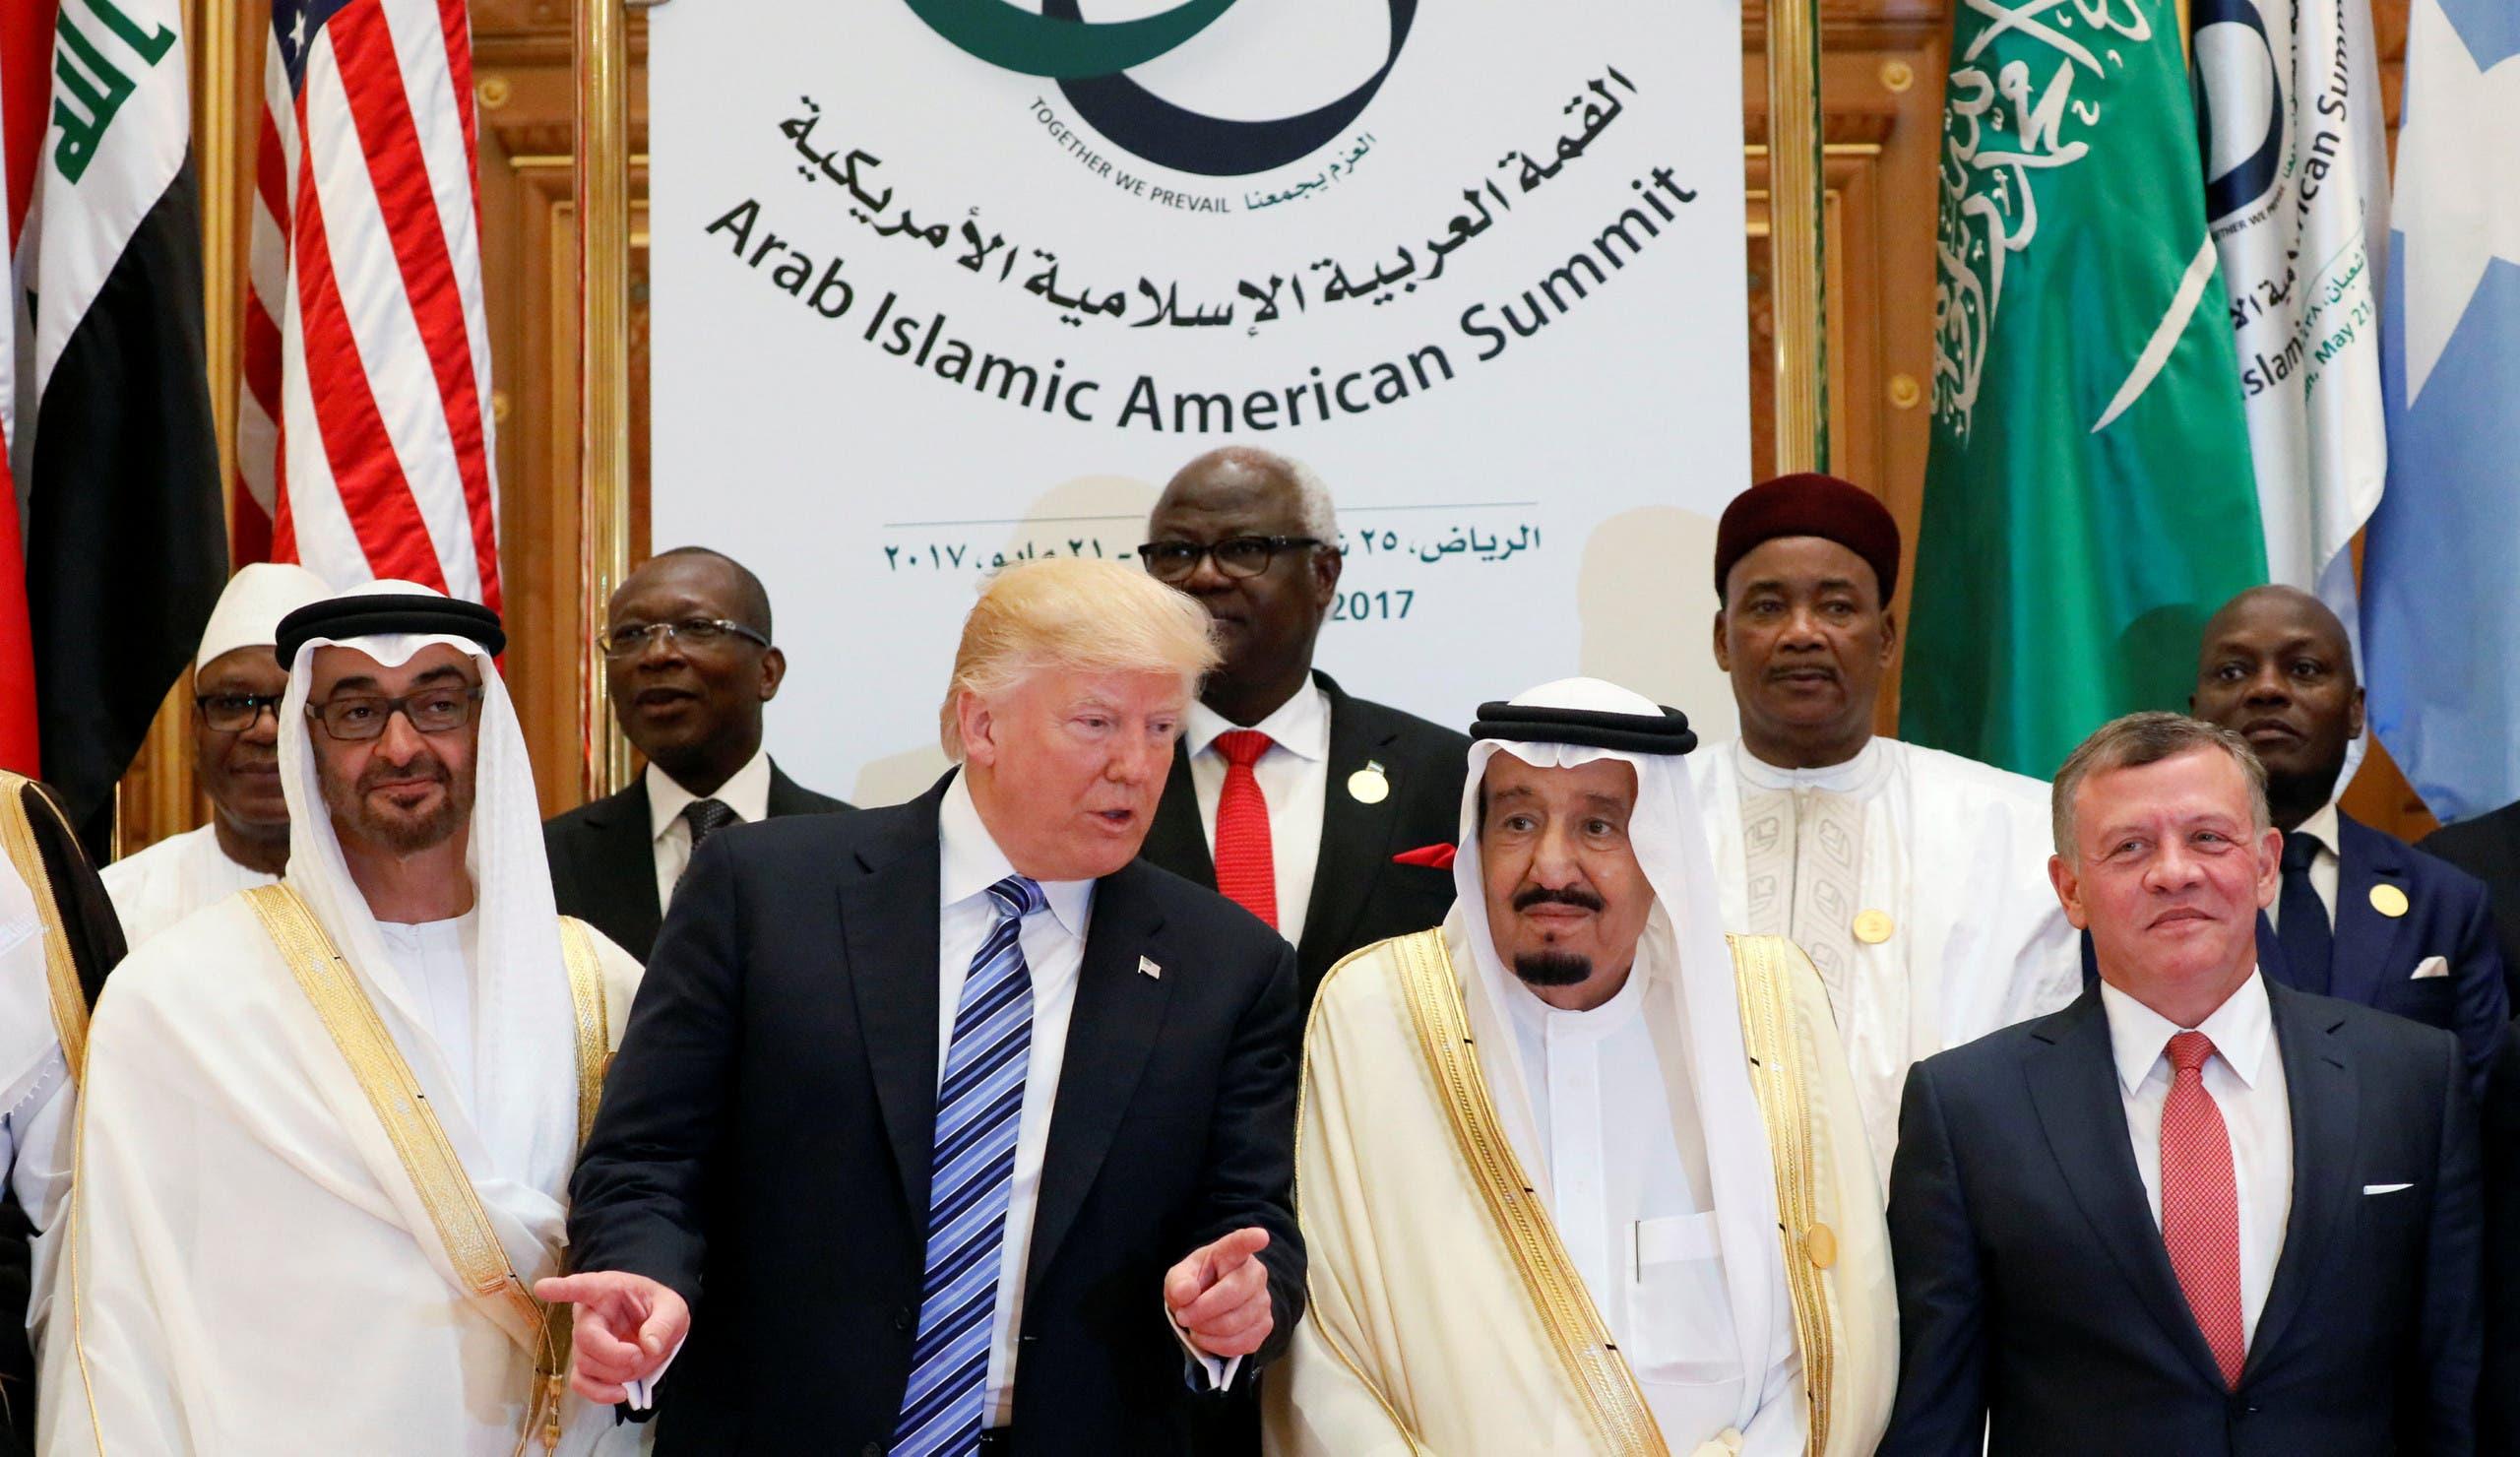 الملك سلمان والرئيس ترمب وعدد من الزعماء في القمة الإسلامية الأميركية